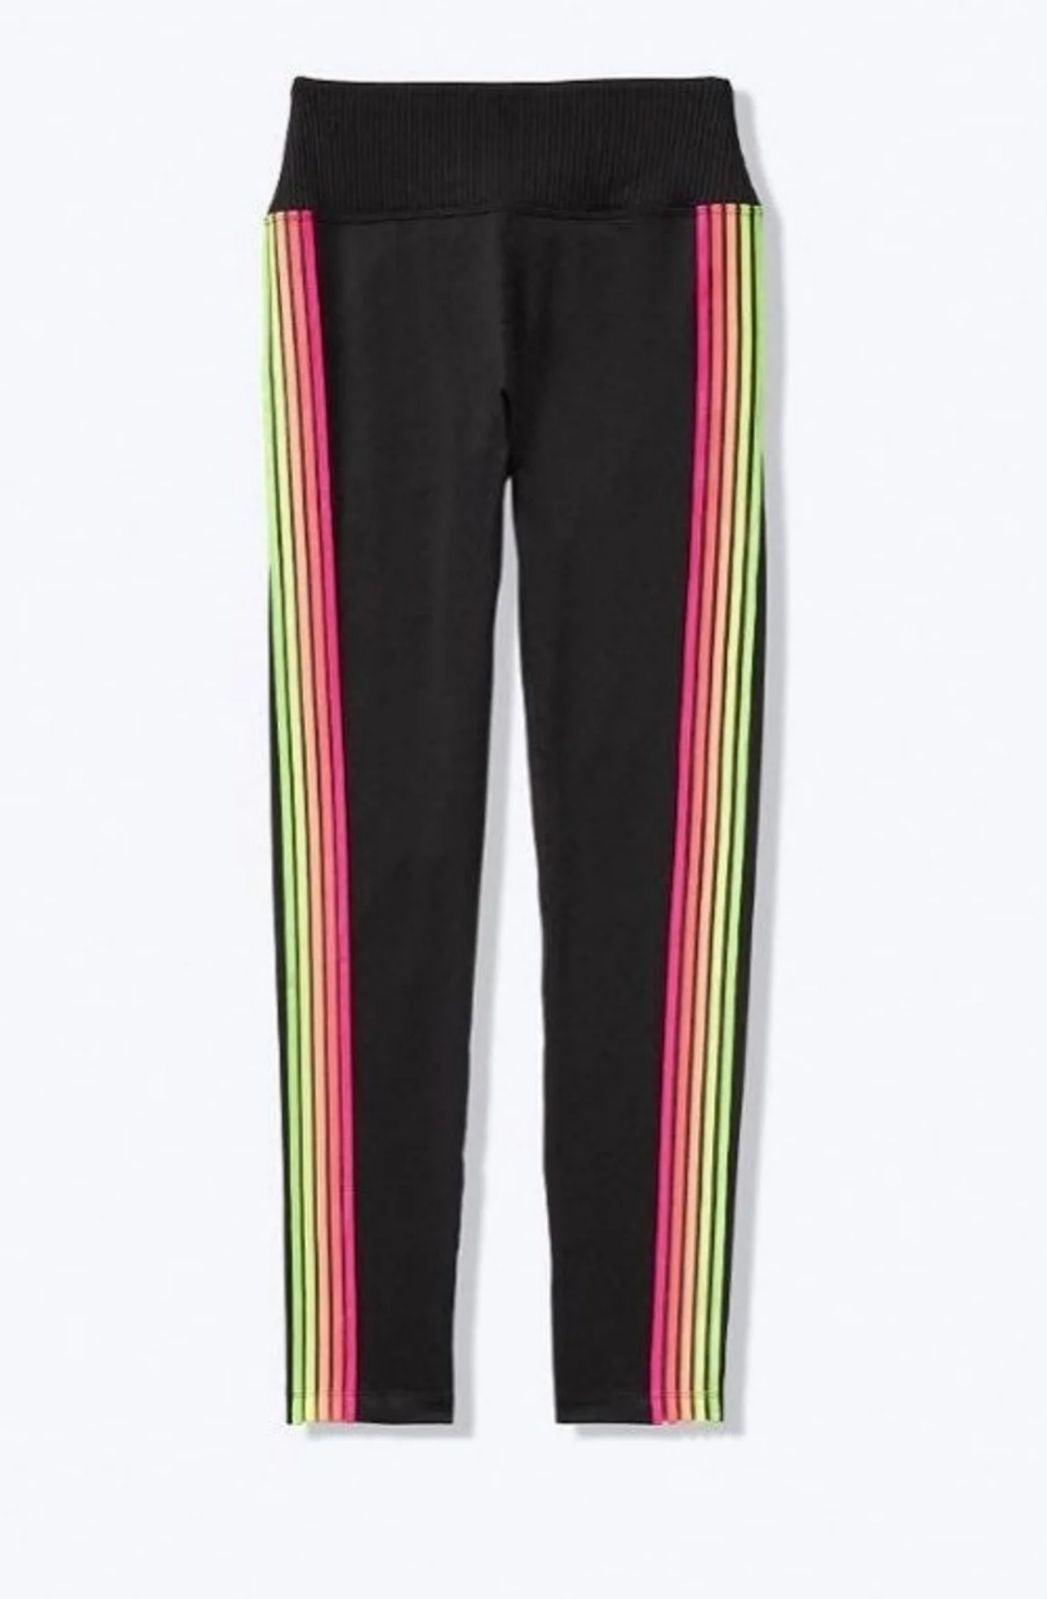 Victoria's secret PINK leggings rainbow